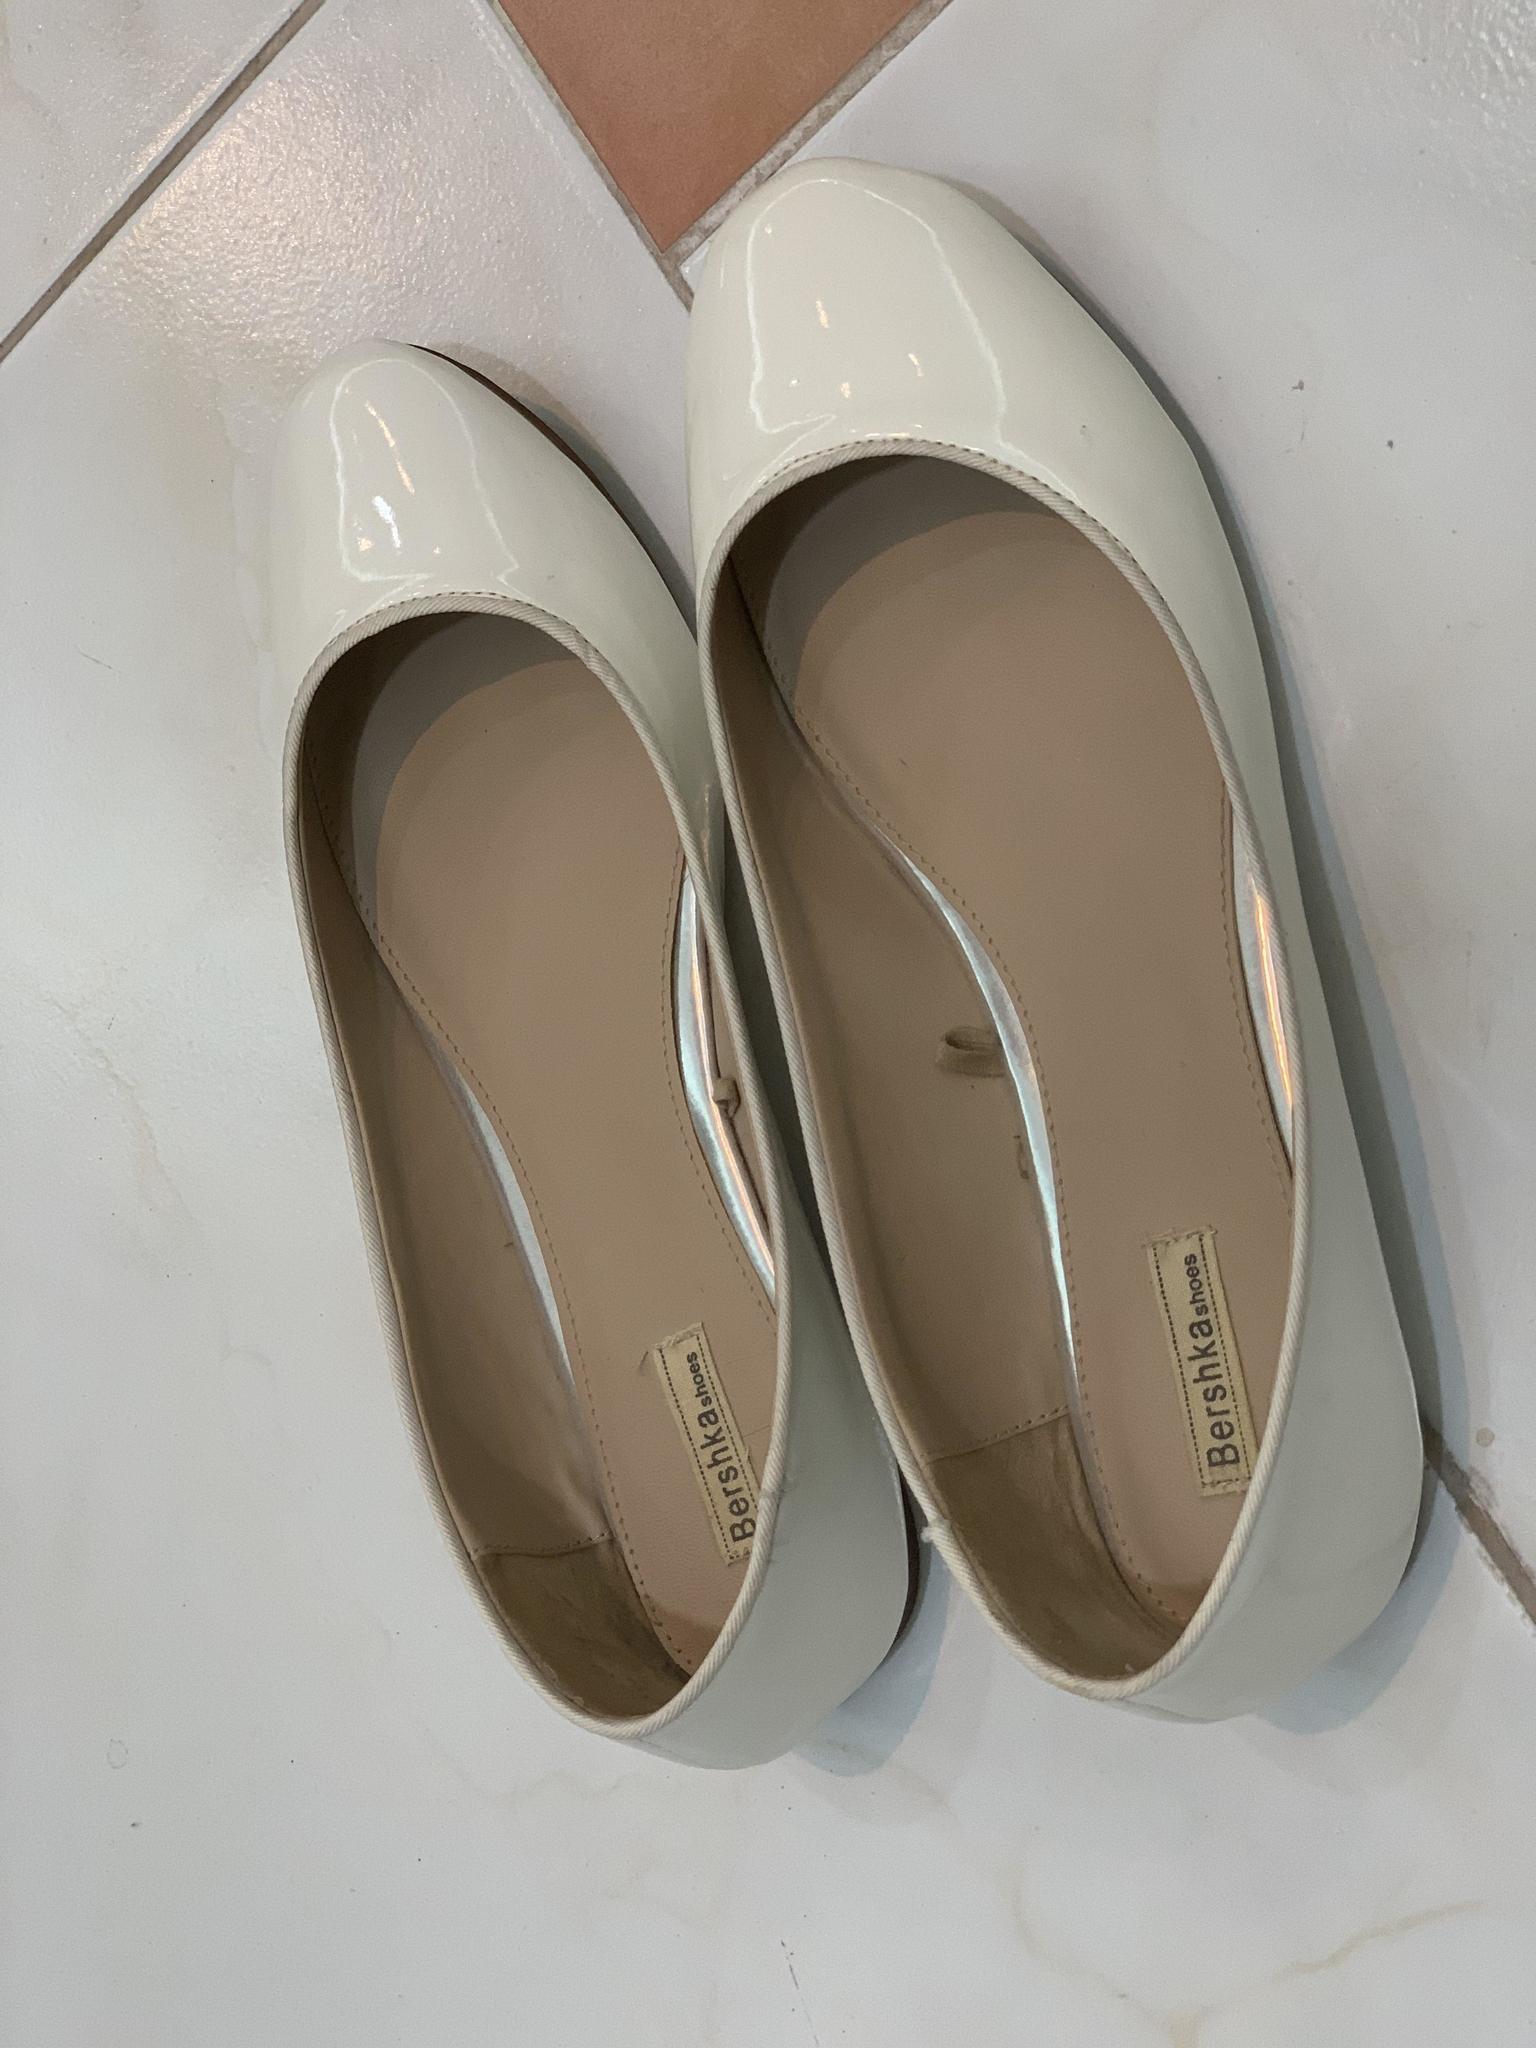 Breshka White Shoes Size 41